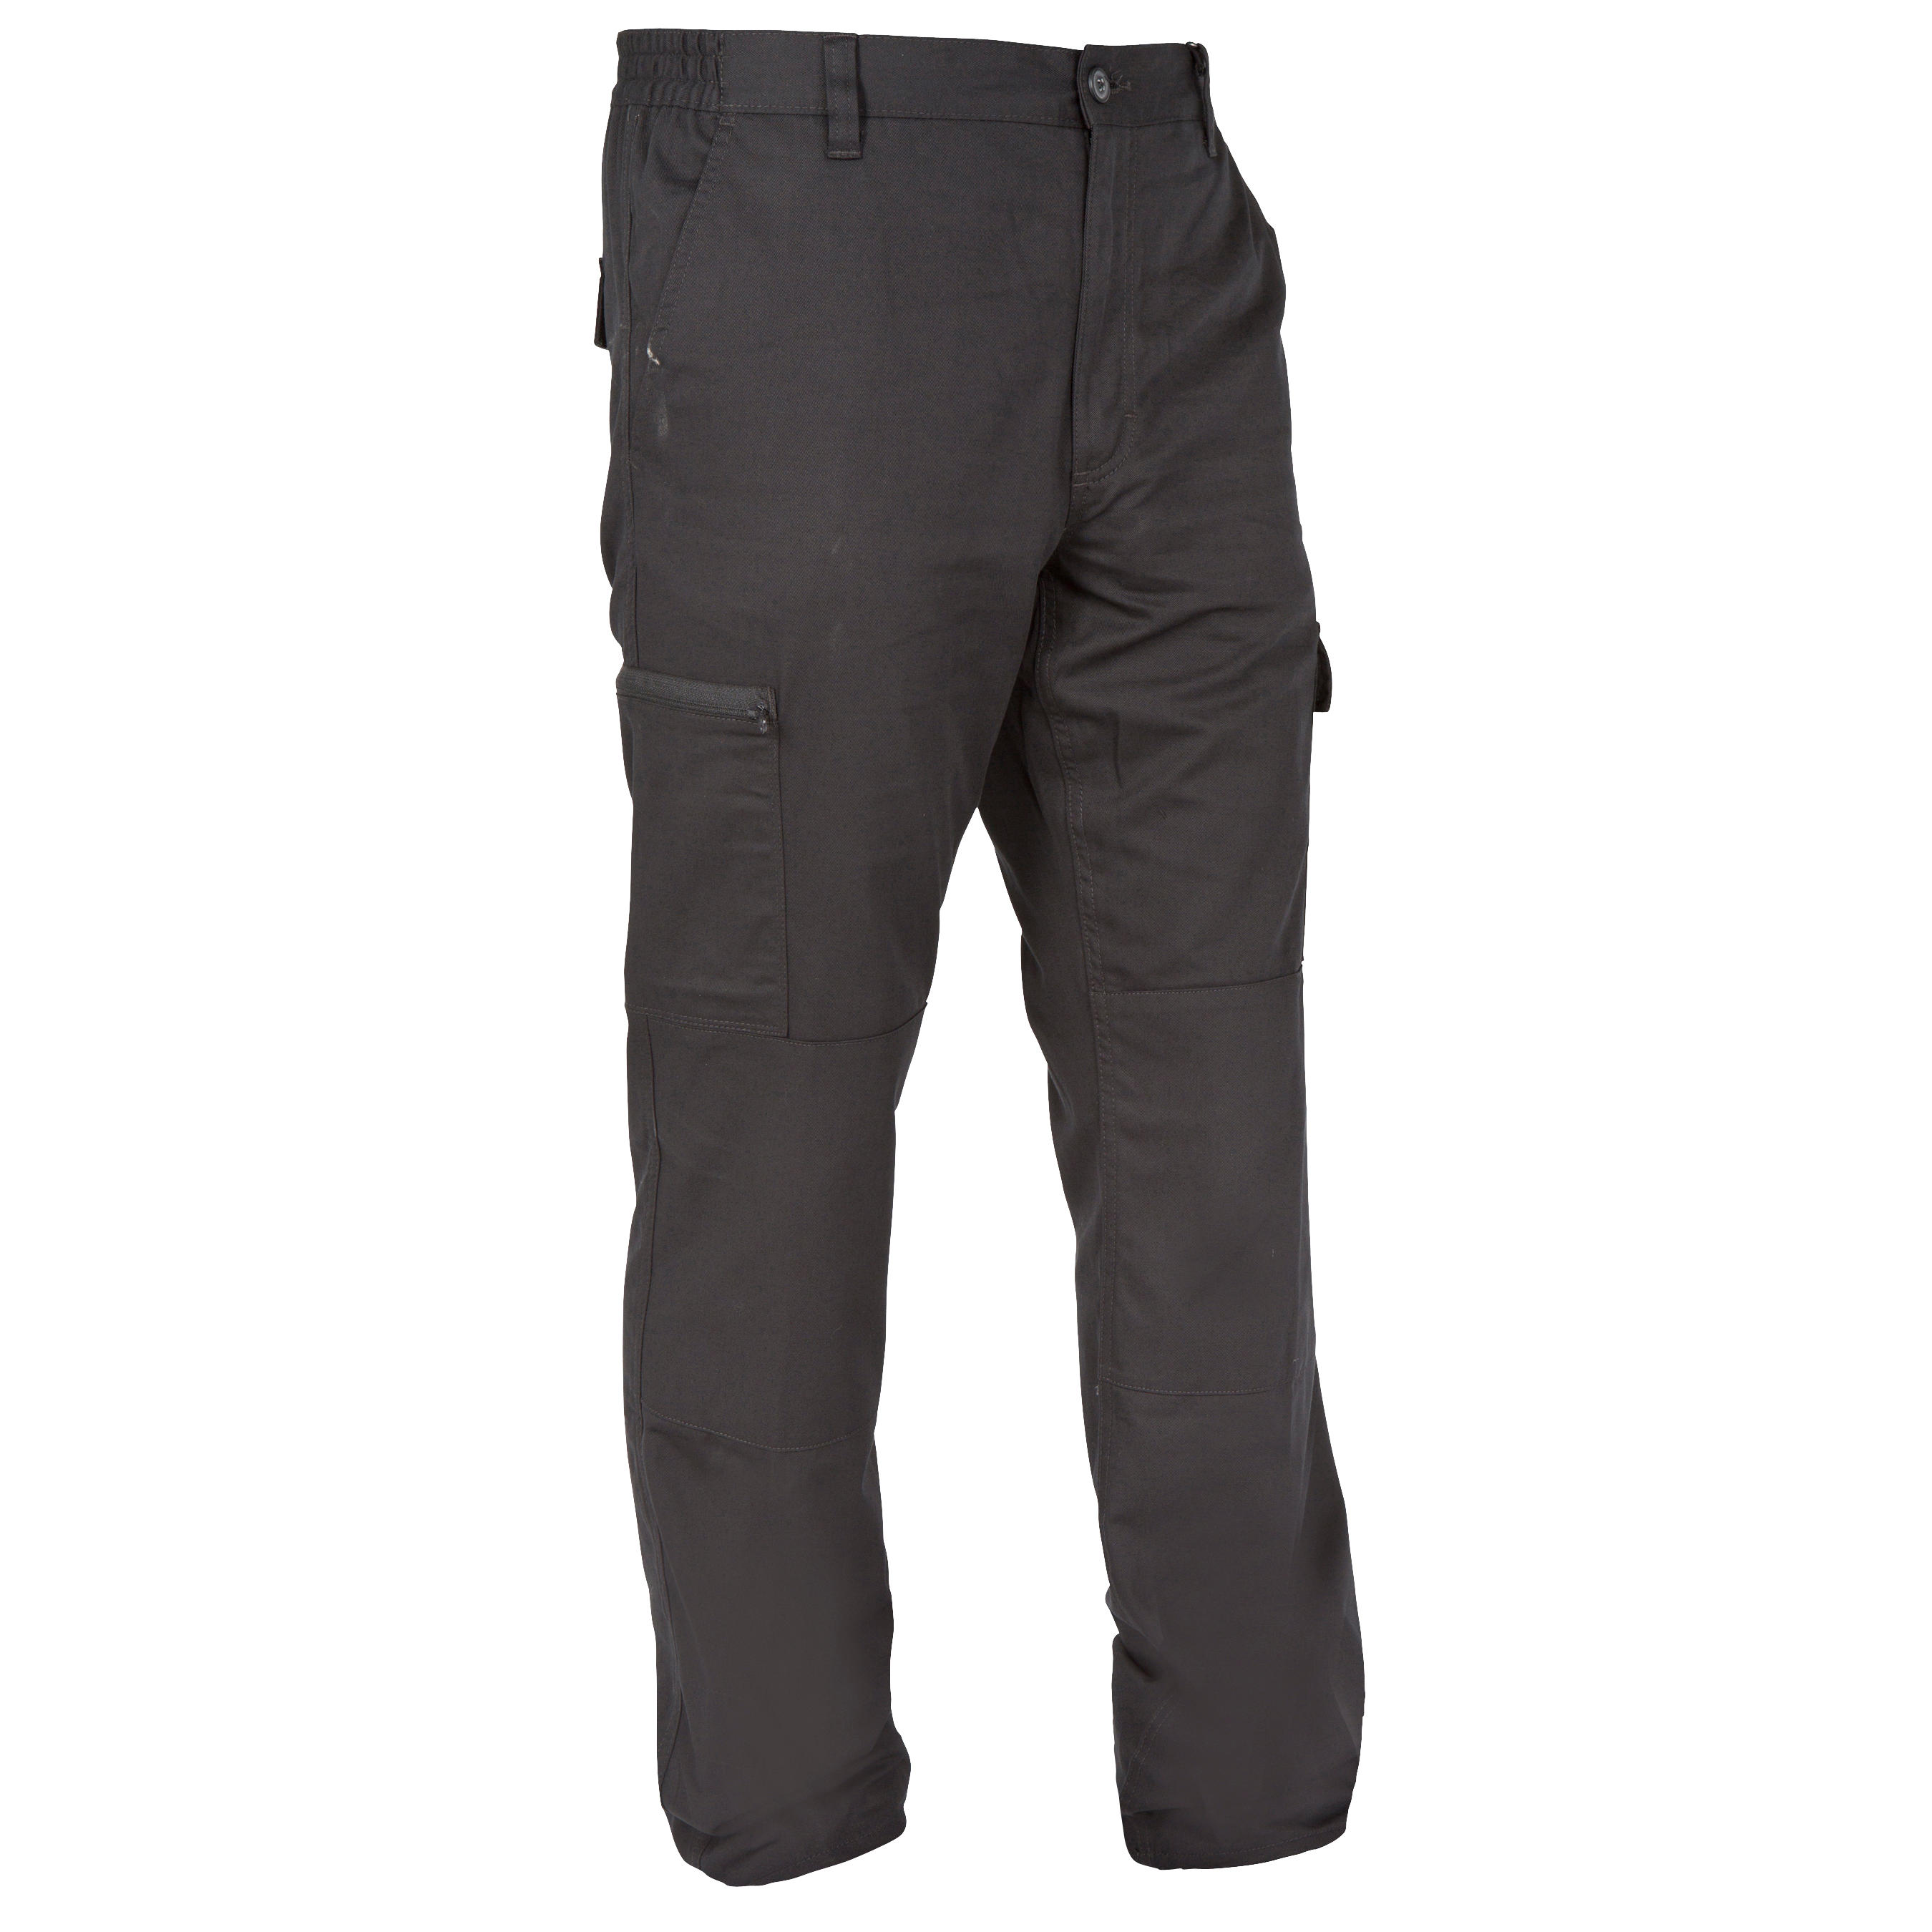 Jagdhose Steppe 300   Sportbekleidung > Sporthosen > Trekkinghosen   Solognac